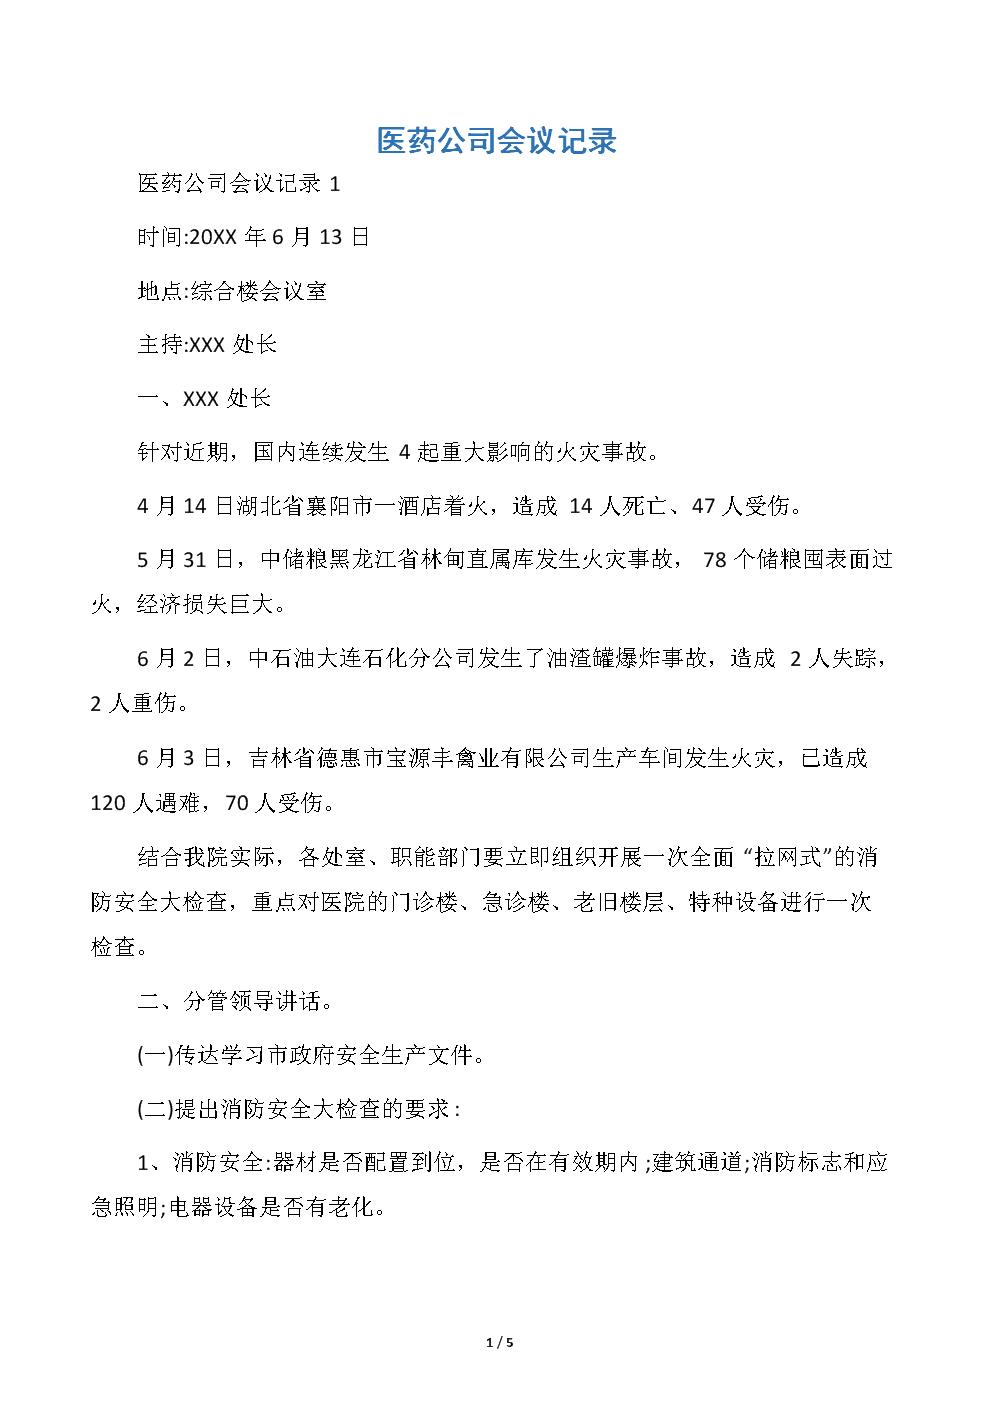 医药公司会议记录.docx